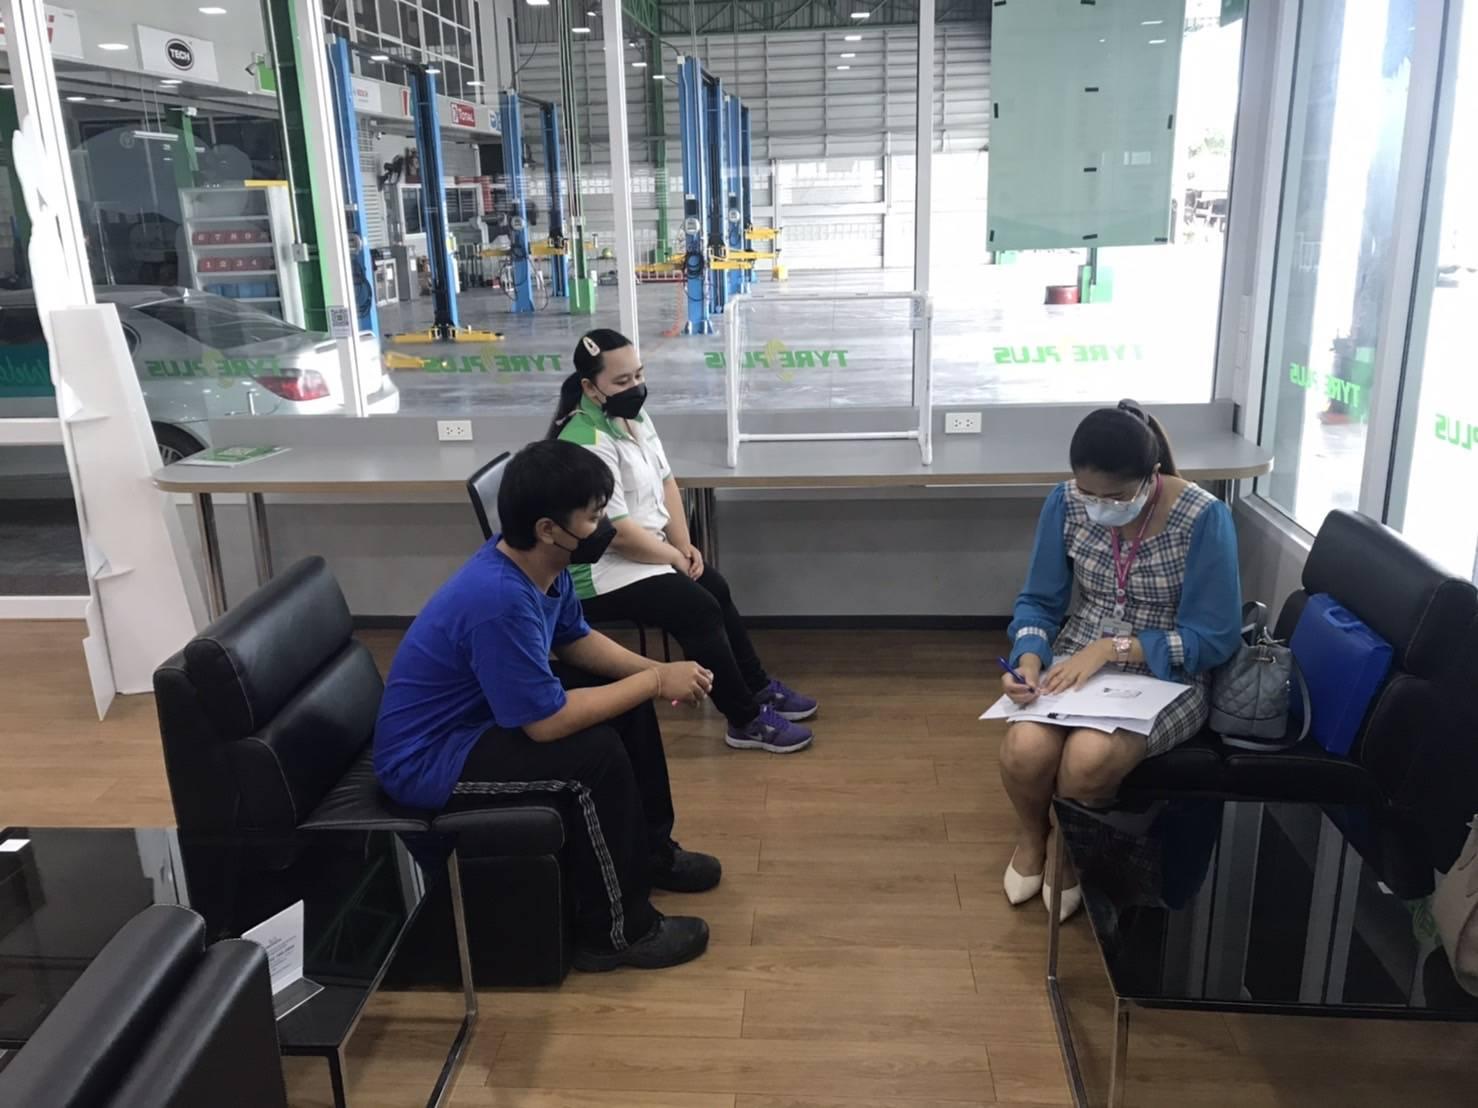 สำนักงานจัดหางานจังหวัดลพบุรี ลงพื้นที่ปฏิบัติงานในพื้นที่ติดตามผลการดำเนินโครงการ Co-Payment